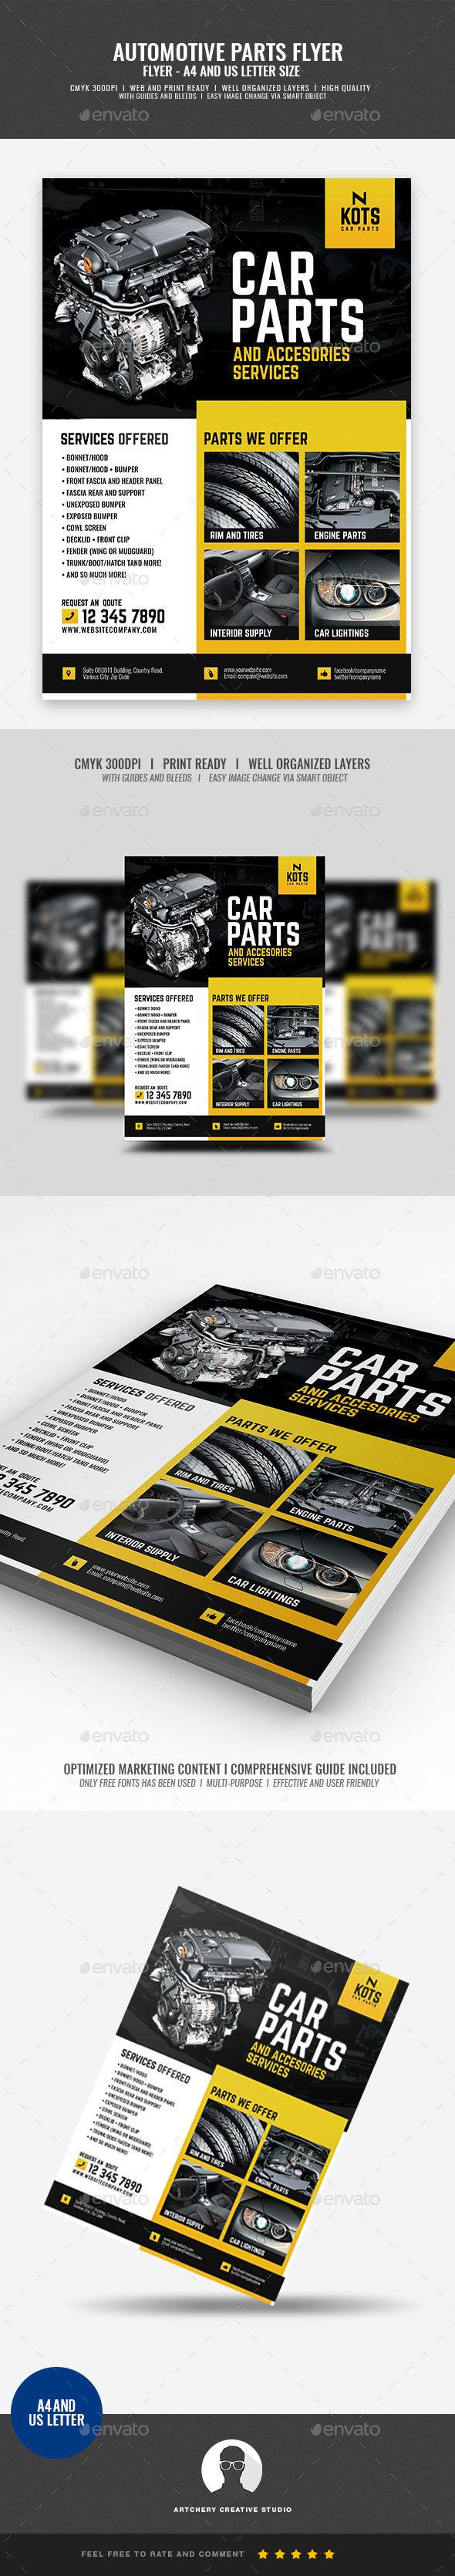 Automotive Car Parts Flyer - Corporate Flyers